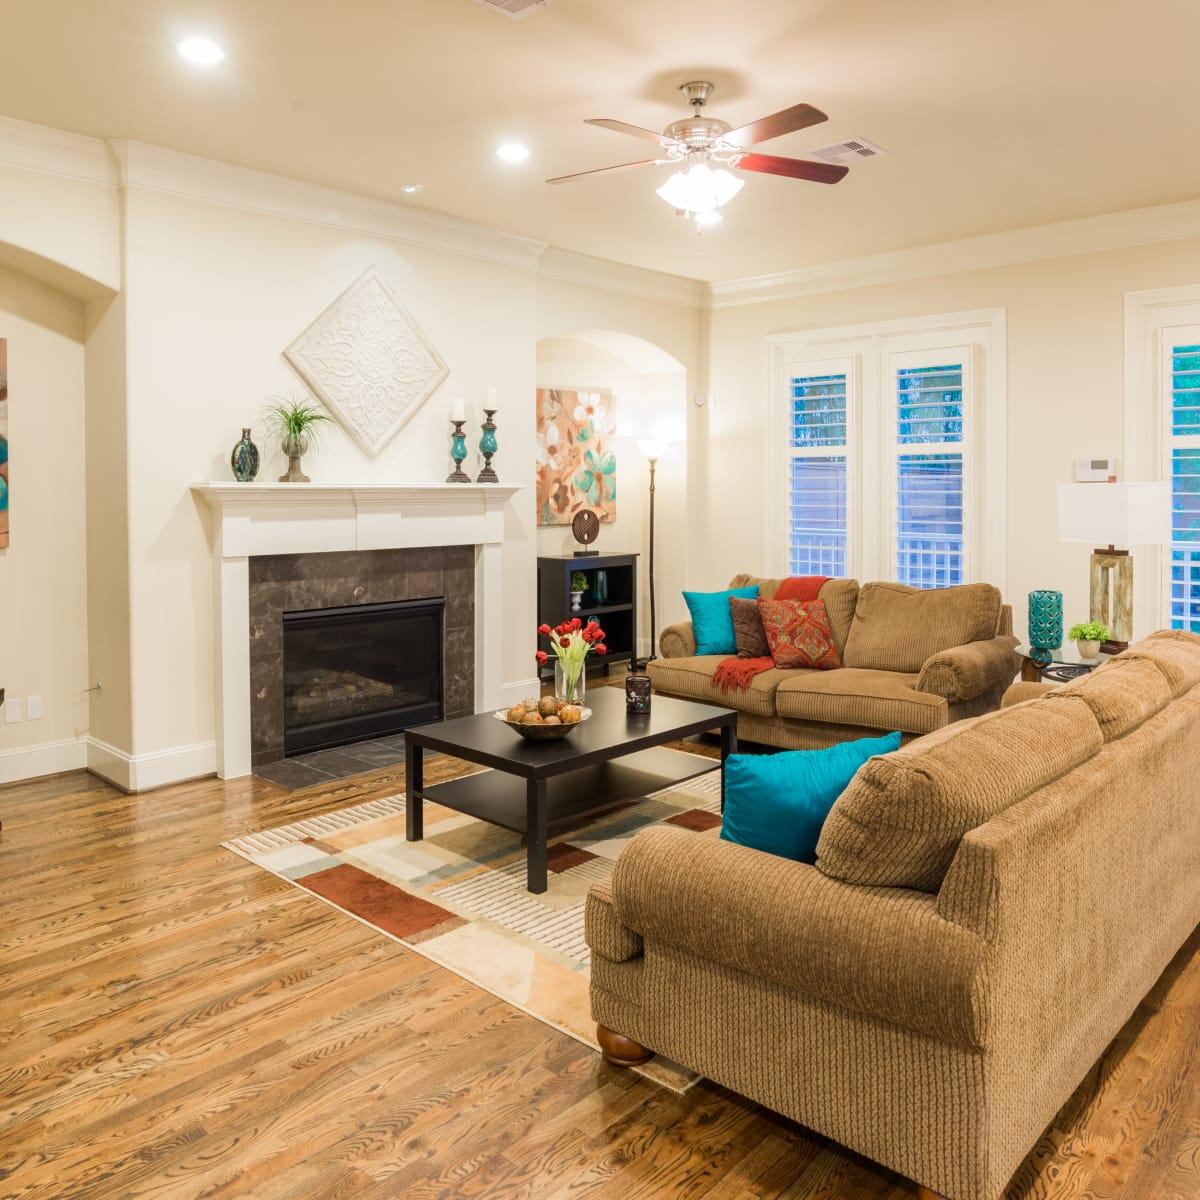 Houston, 1216 Bomar, June 2015, living room